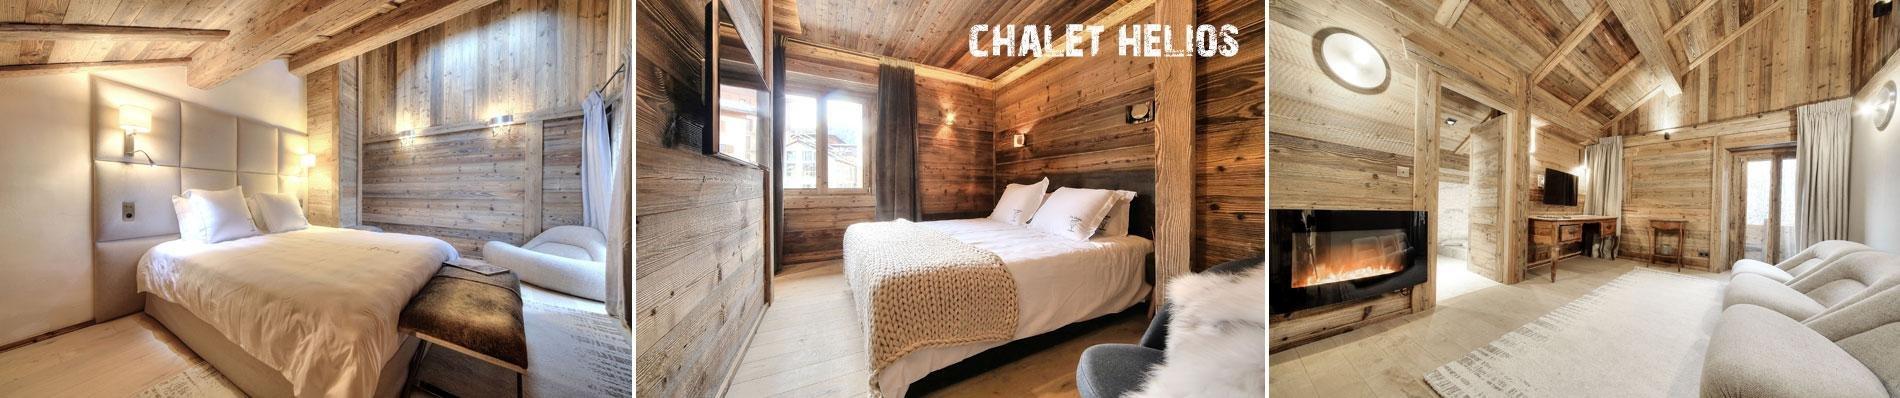 CHALET-COLLECTION hotels d'en haut megeve